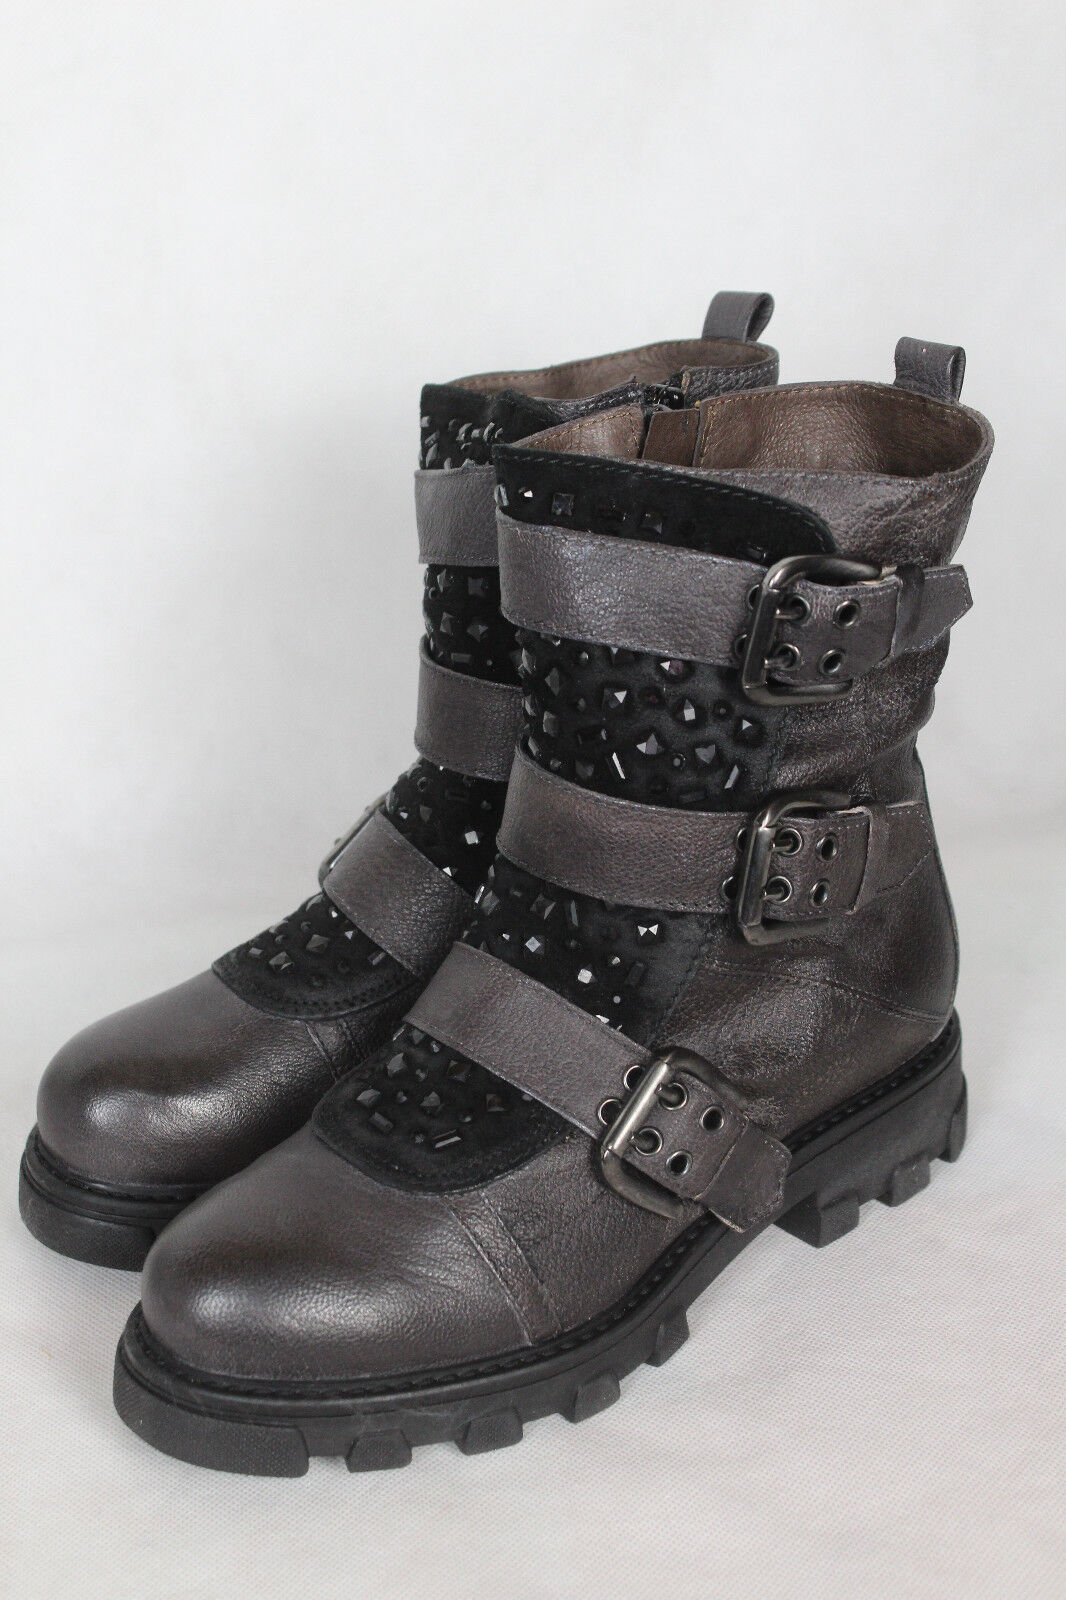 Manas botines, zapatos de piel botines, Manas señora talla 36,neu 159797